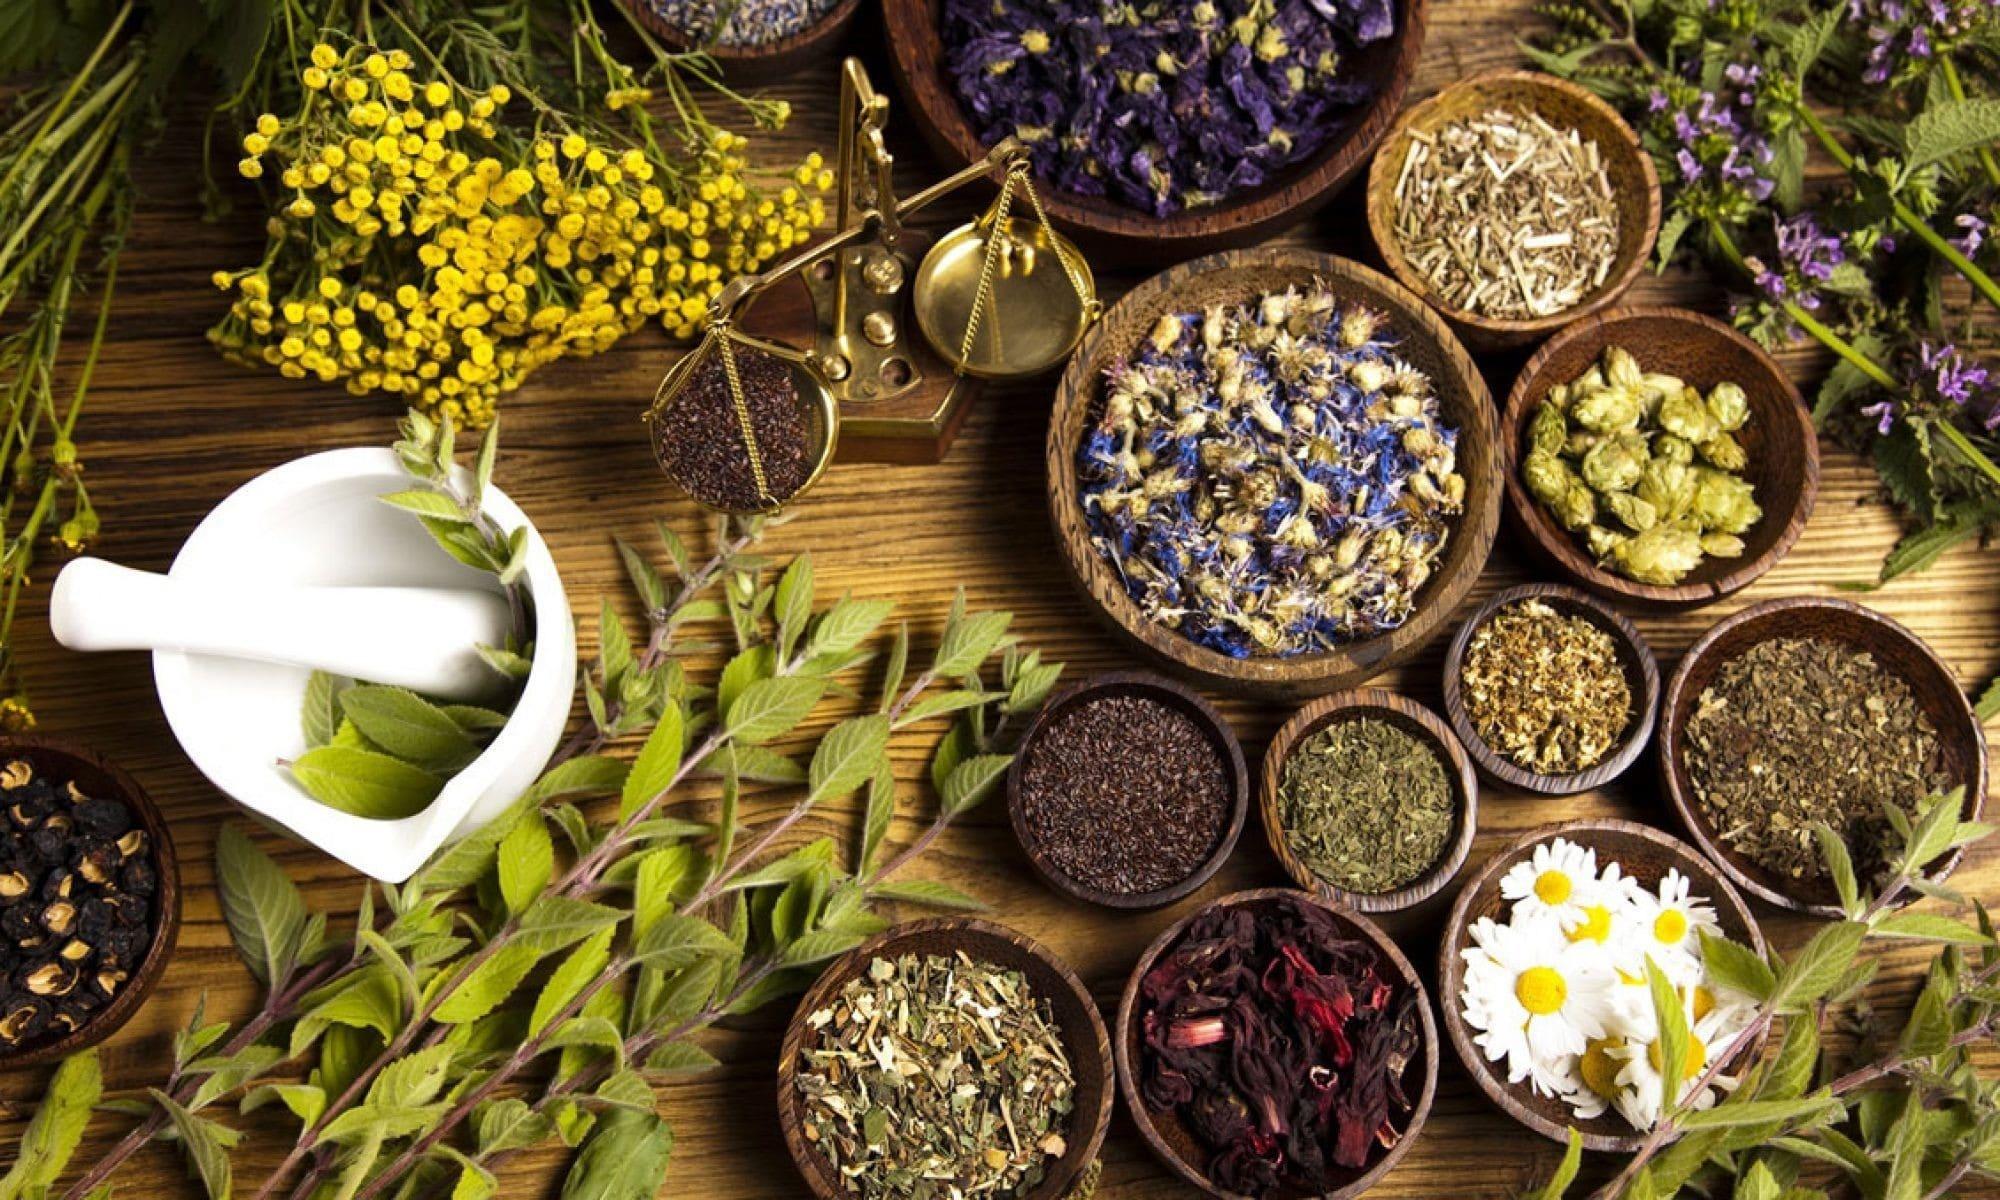 Wat is fytotherapie en hoe kan dit bijdragen aan mijn gezondheid?